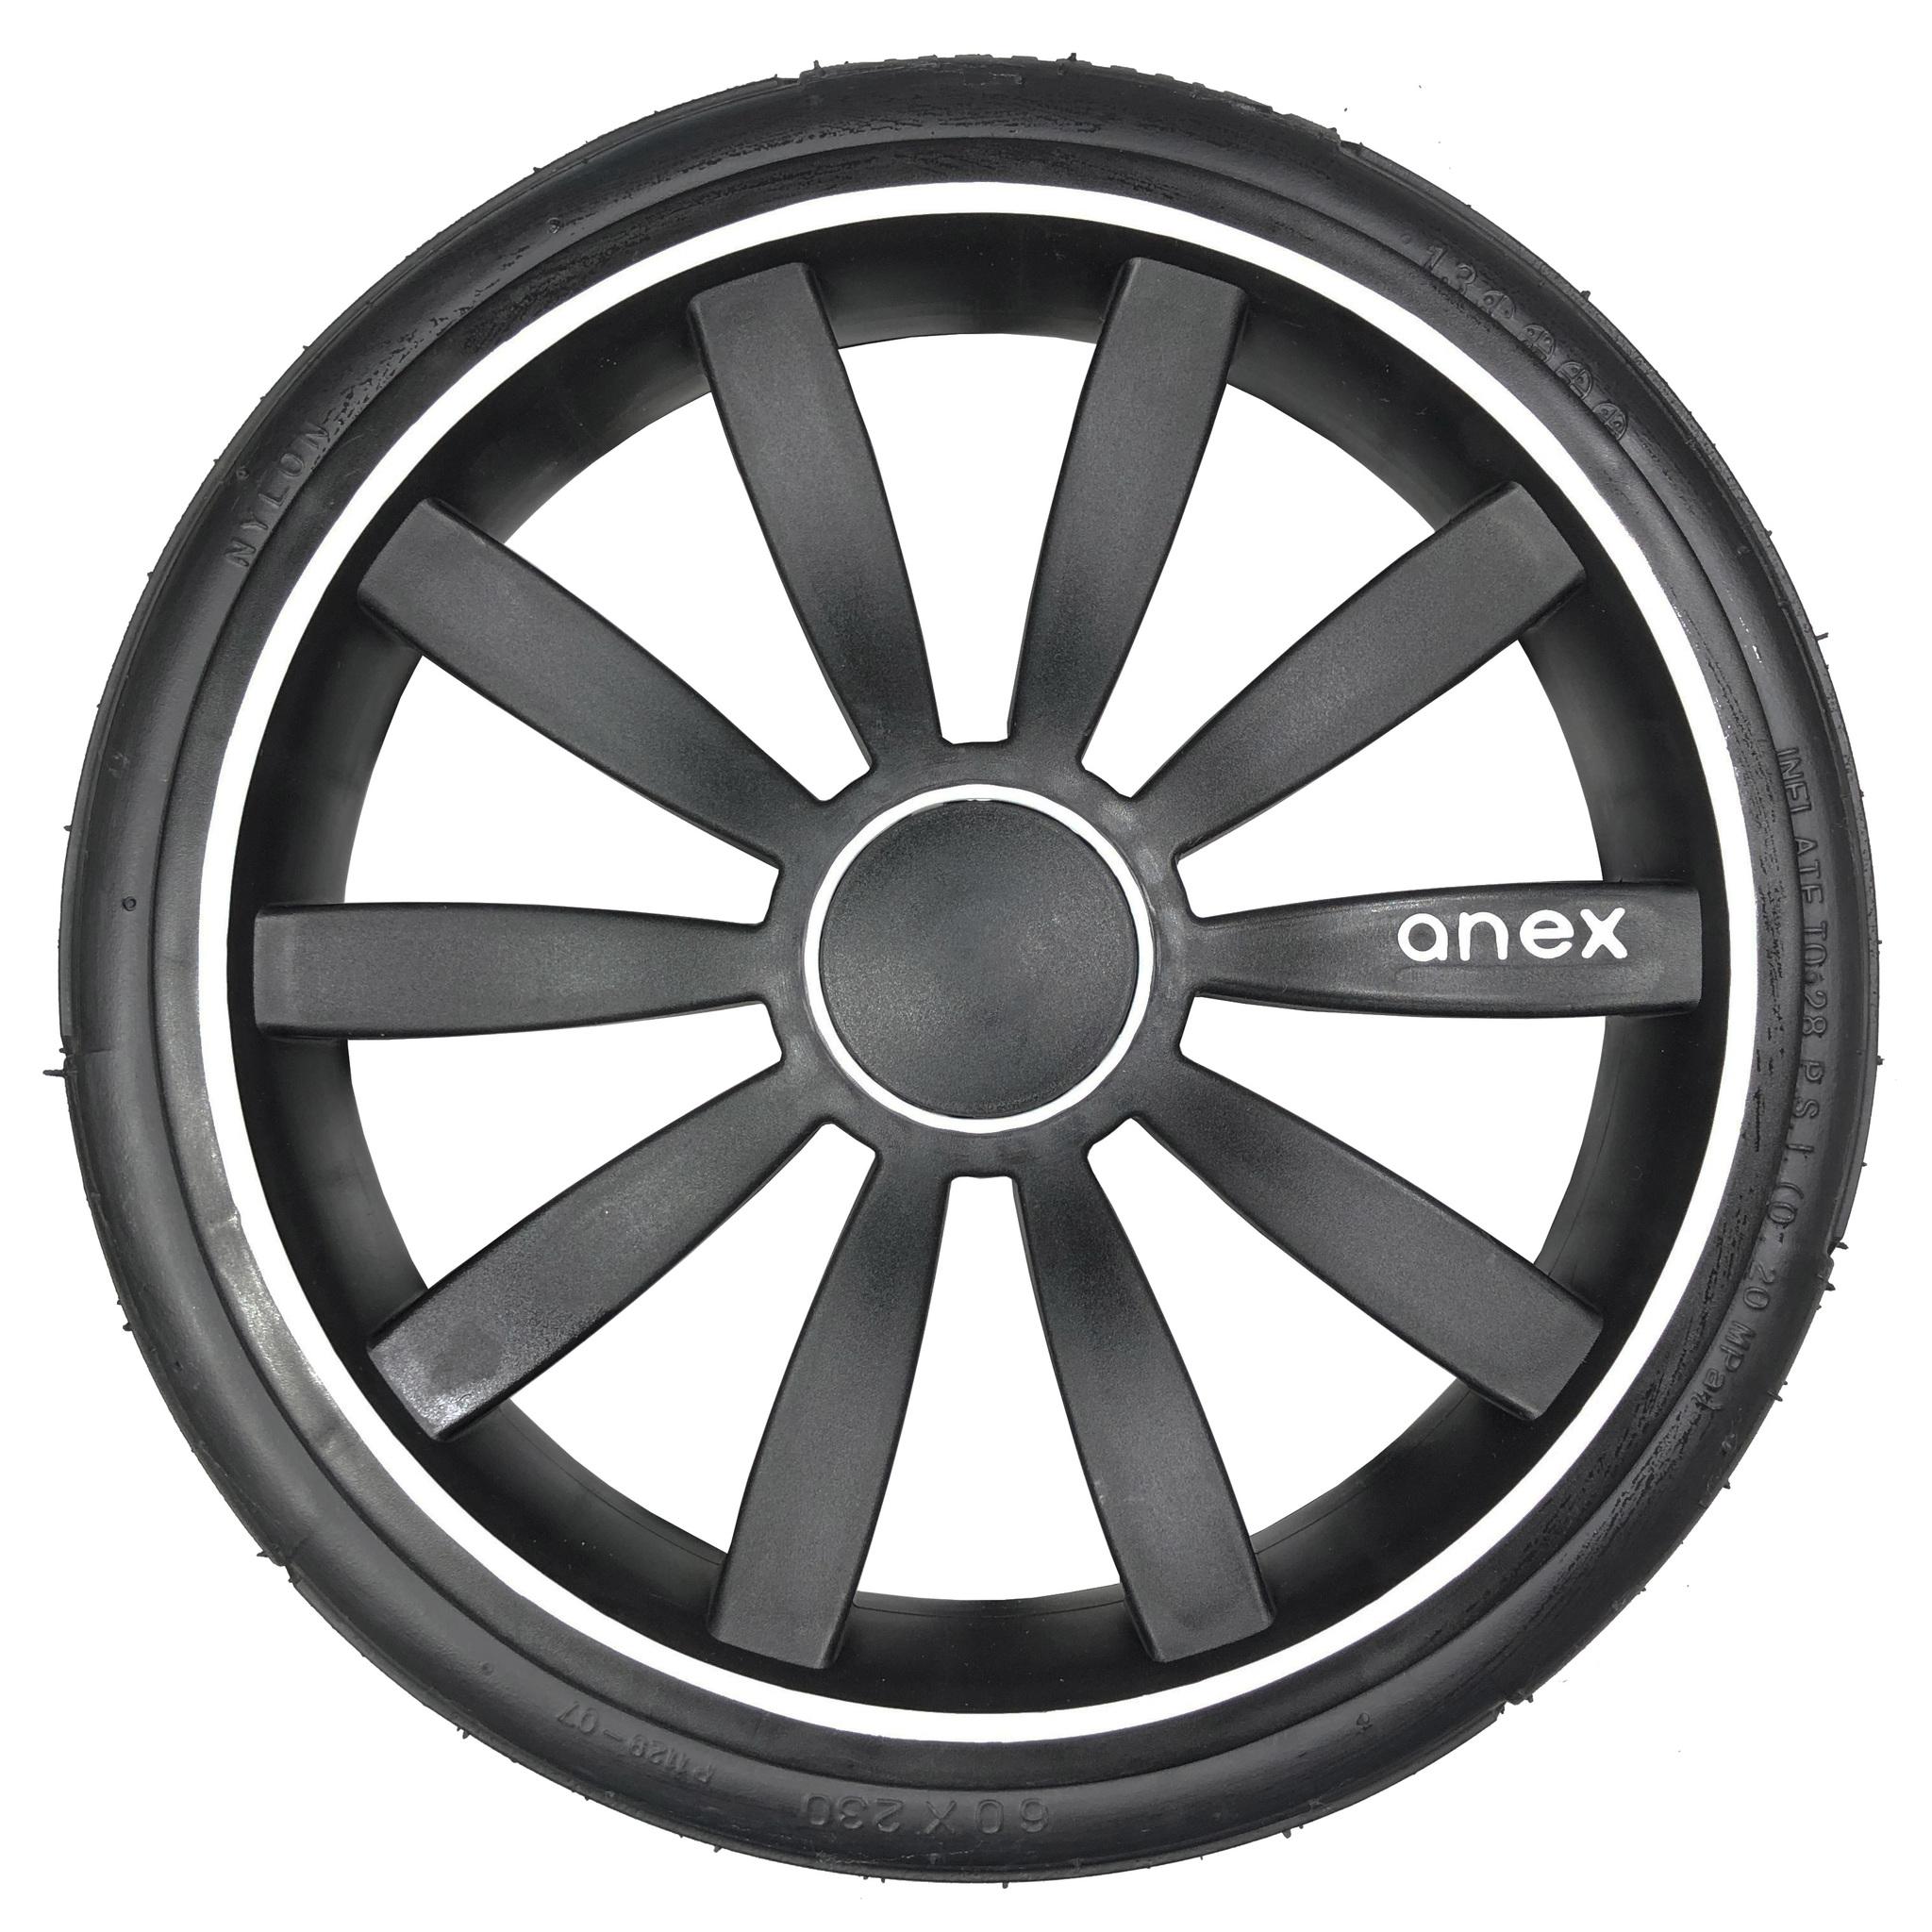 Запчасти для колясок Anex Колесо Anex sport заднее 60x230 60-230_анекс.jpg